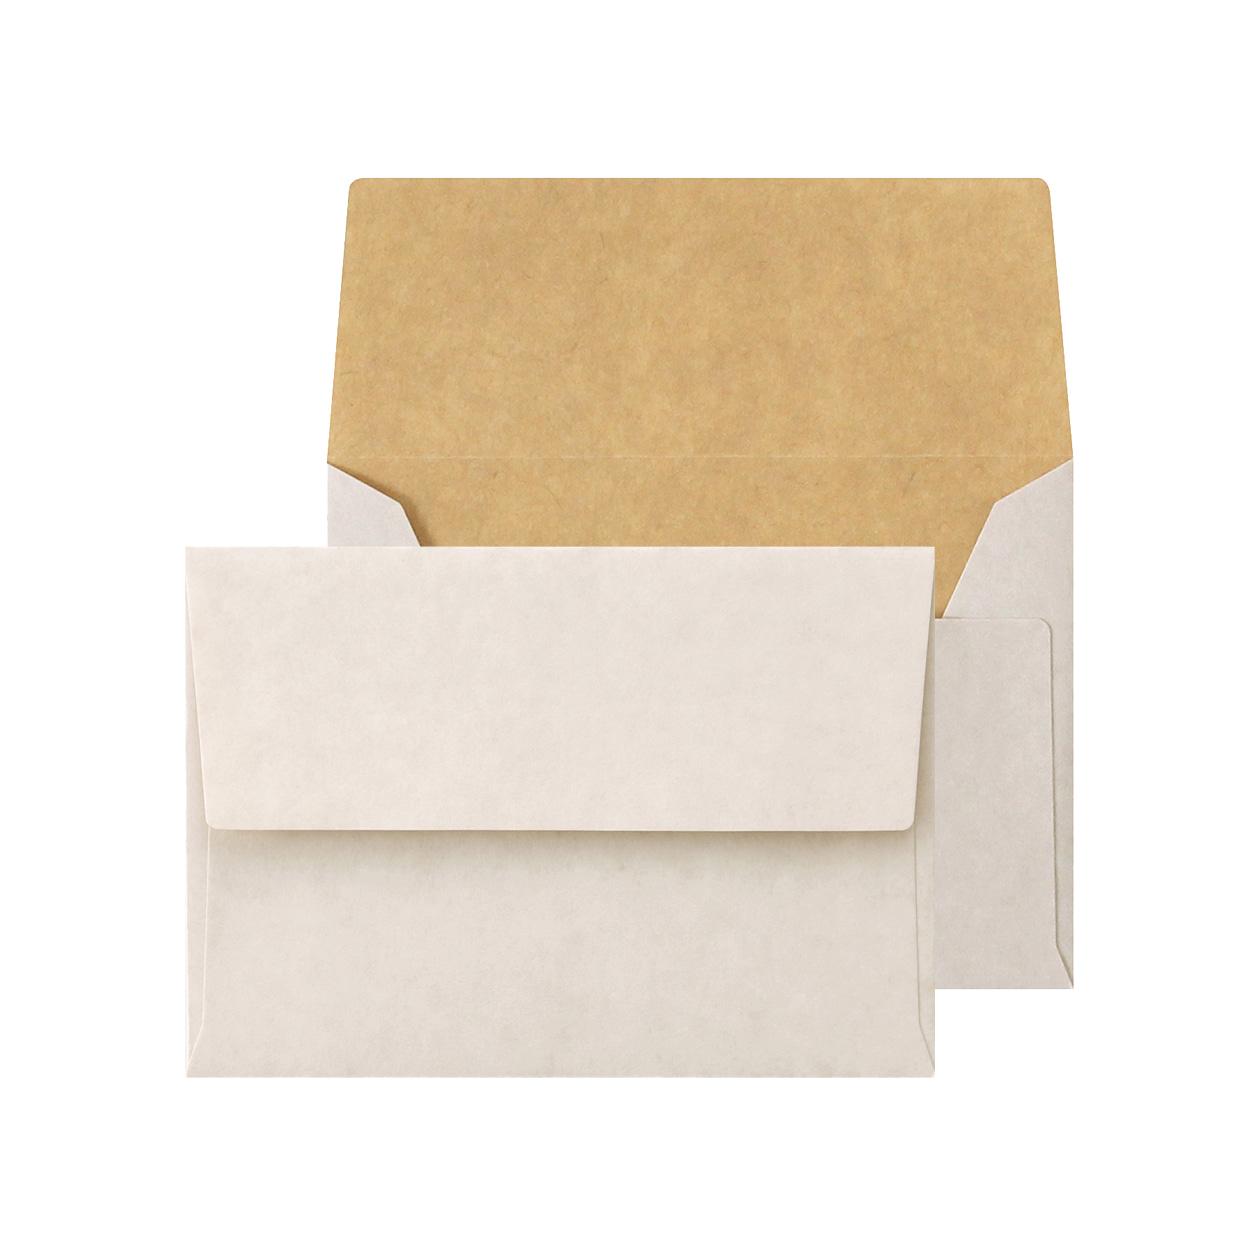 C7カマス封筒 ホワイトクラフト 100g